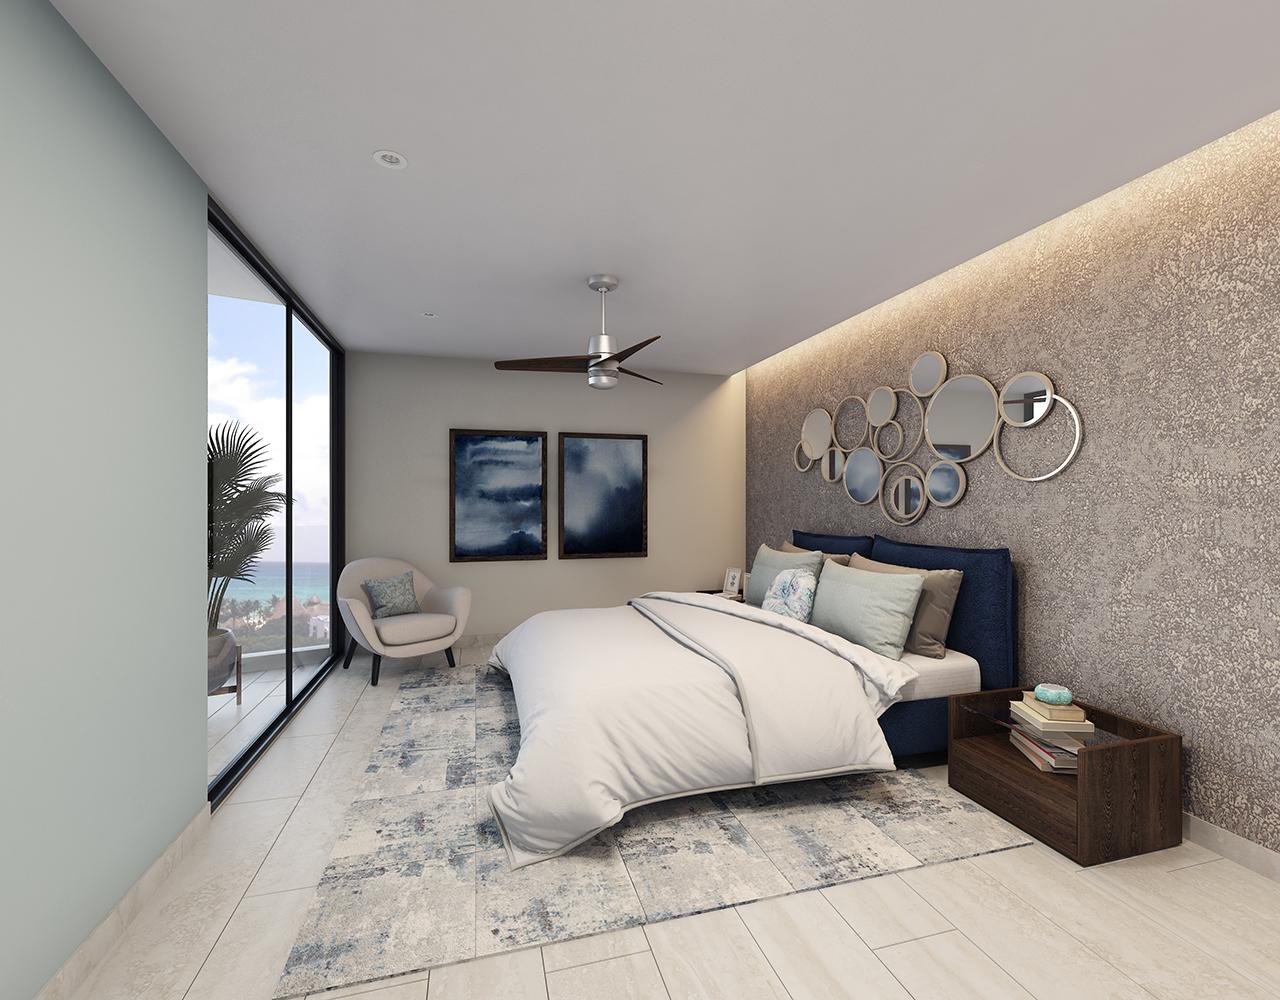 RECAMARA PPAL- Paravian - Pelicano Properties - playa del Carmen